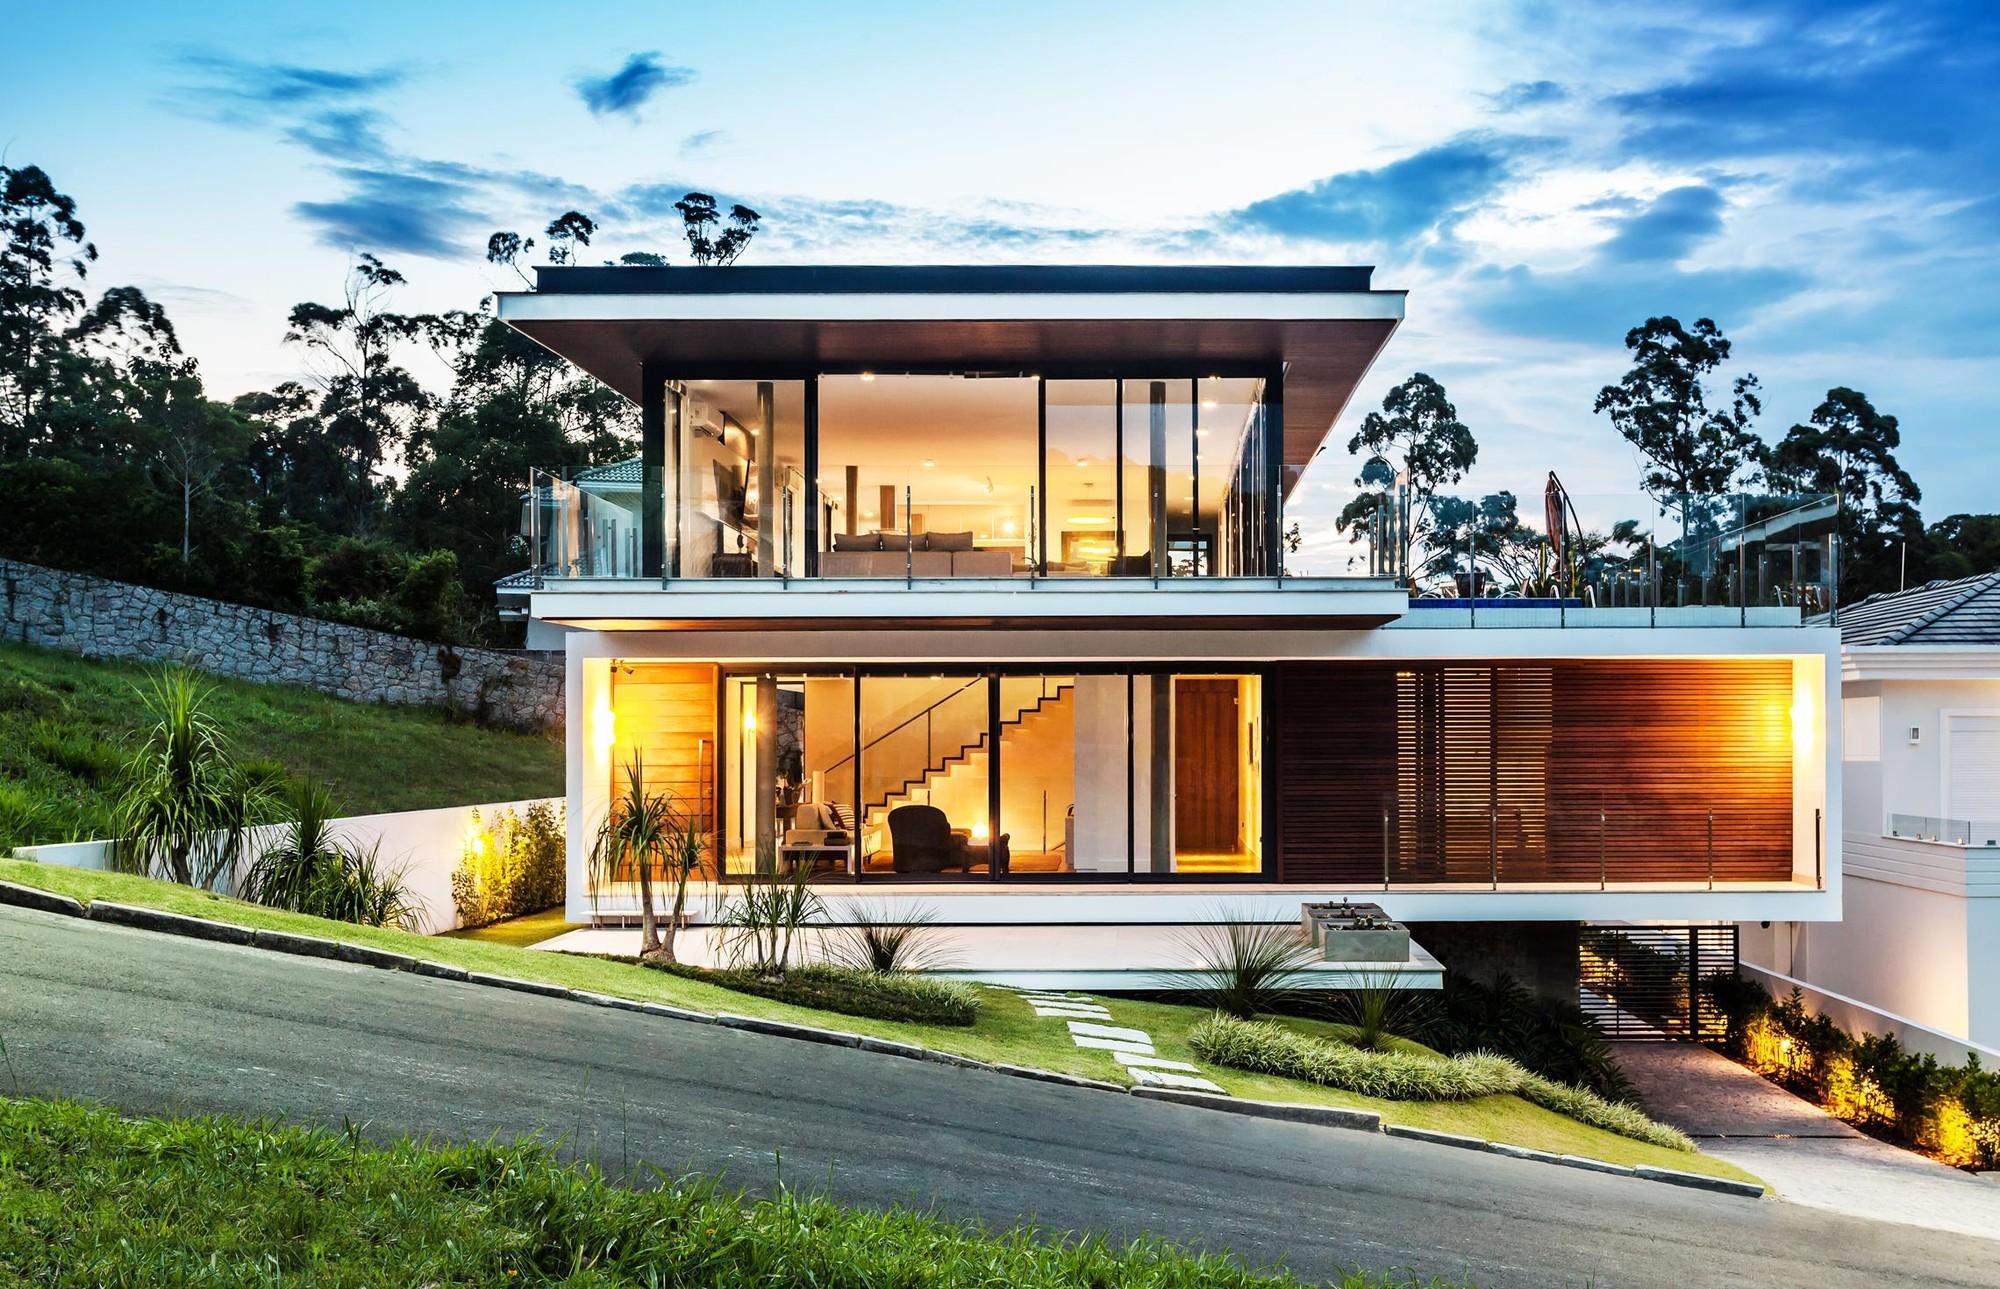 Casa LB / Jobim Carlevaro Arquitetos, © Rô Reitz